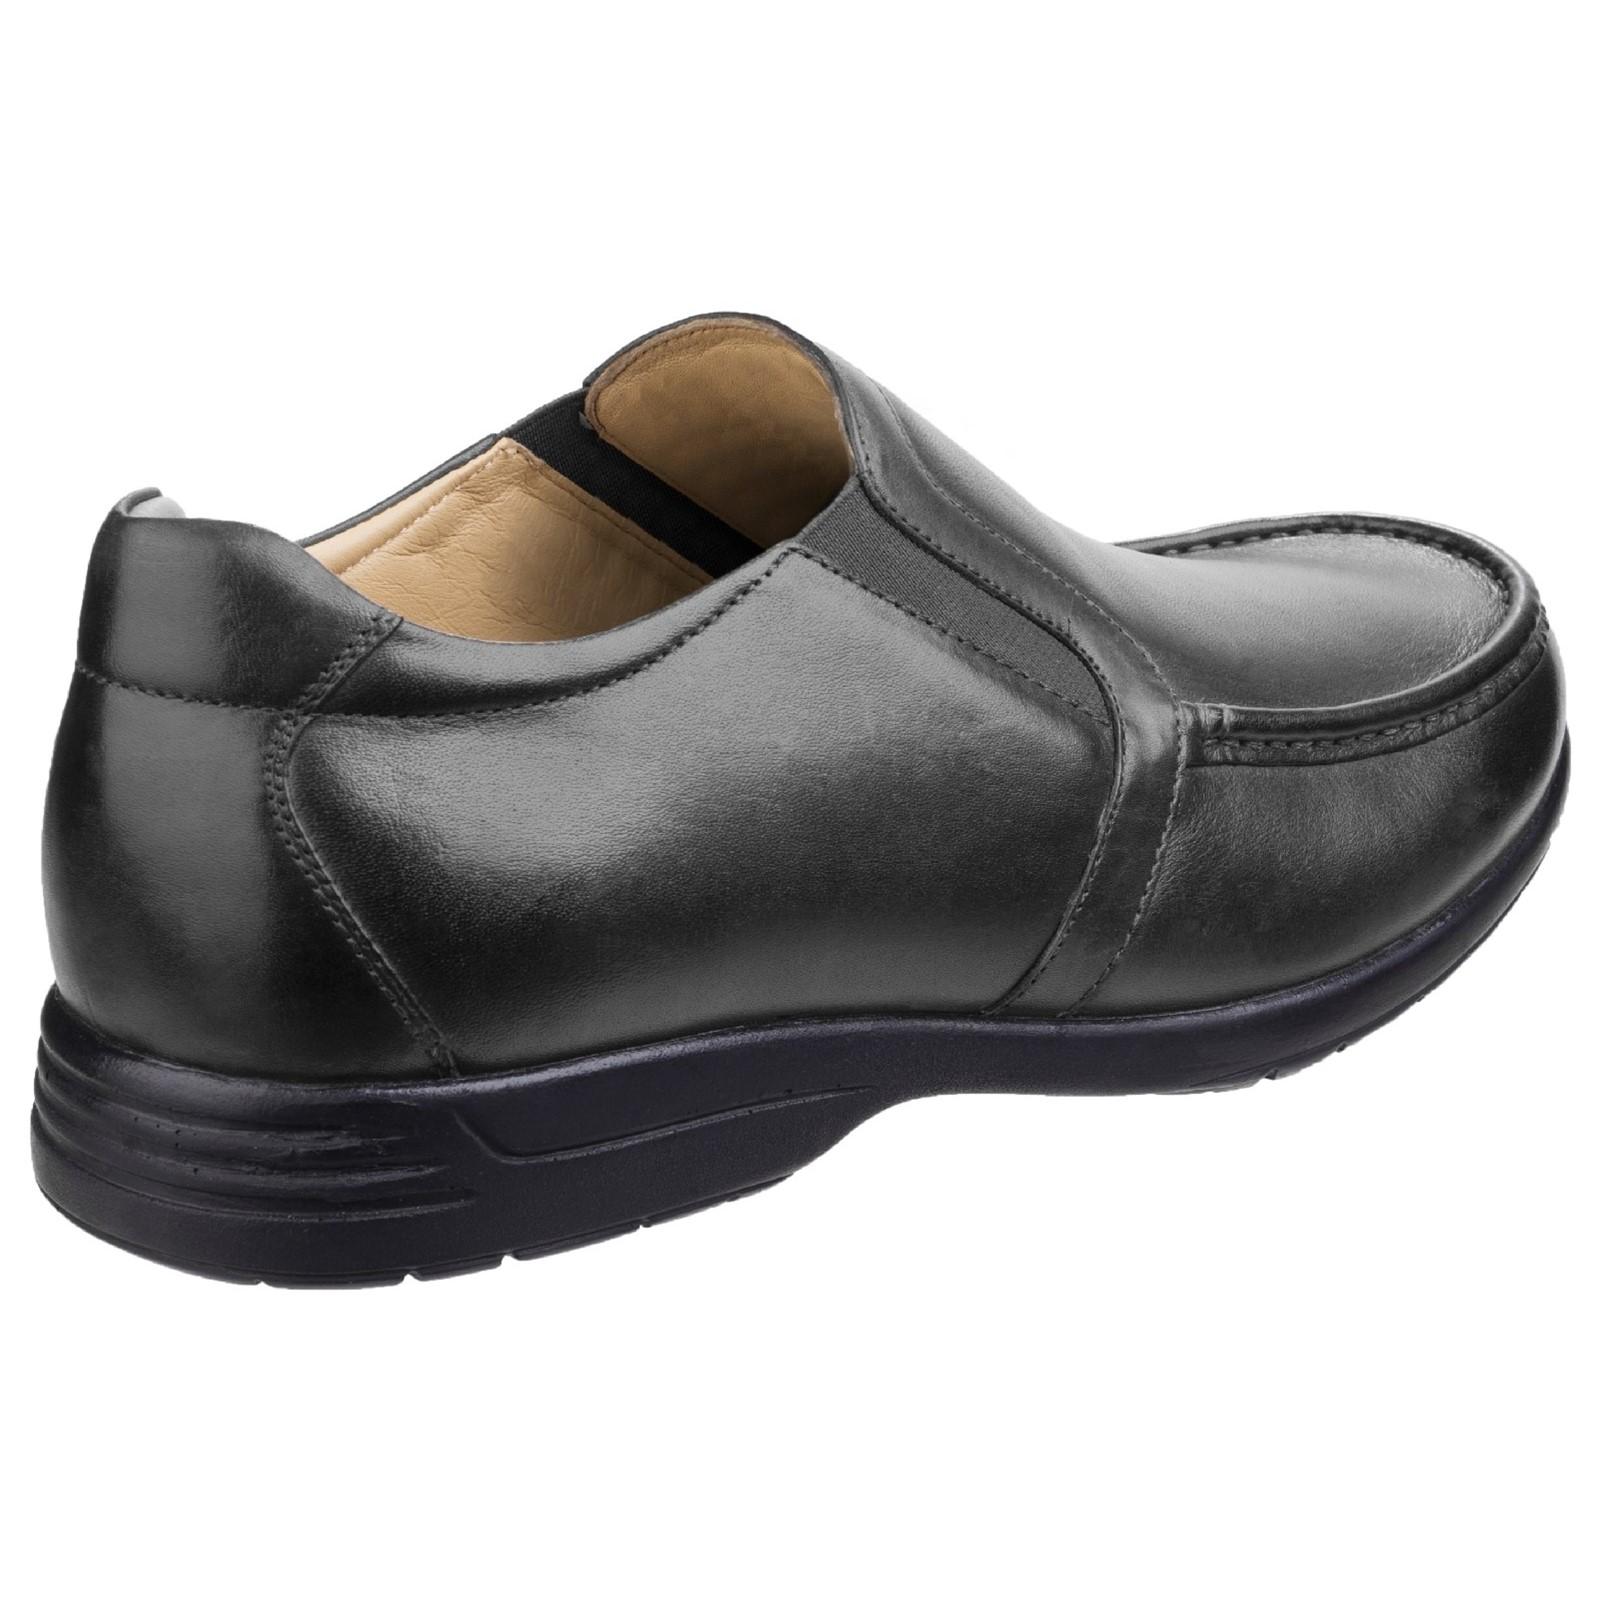 a2ab7b39 ... Fosster Gordon Dual Fit Fleet & & & Cierre Táctil Para Hombre Zapato  Mocasín 730e65 ...